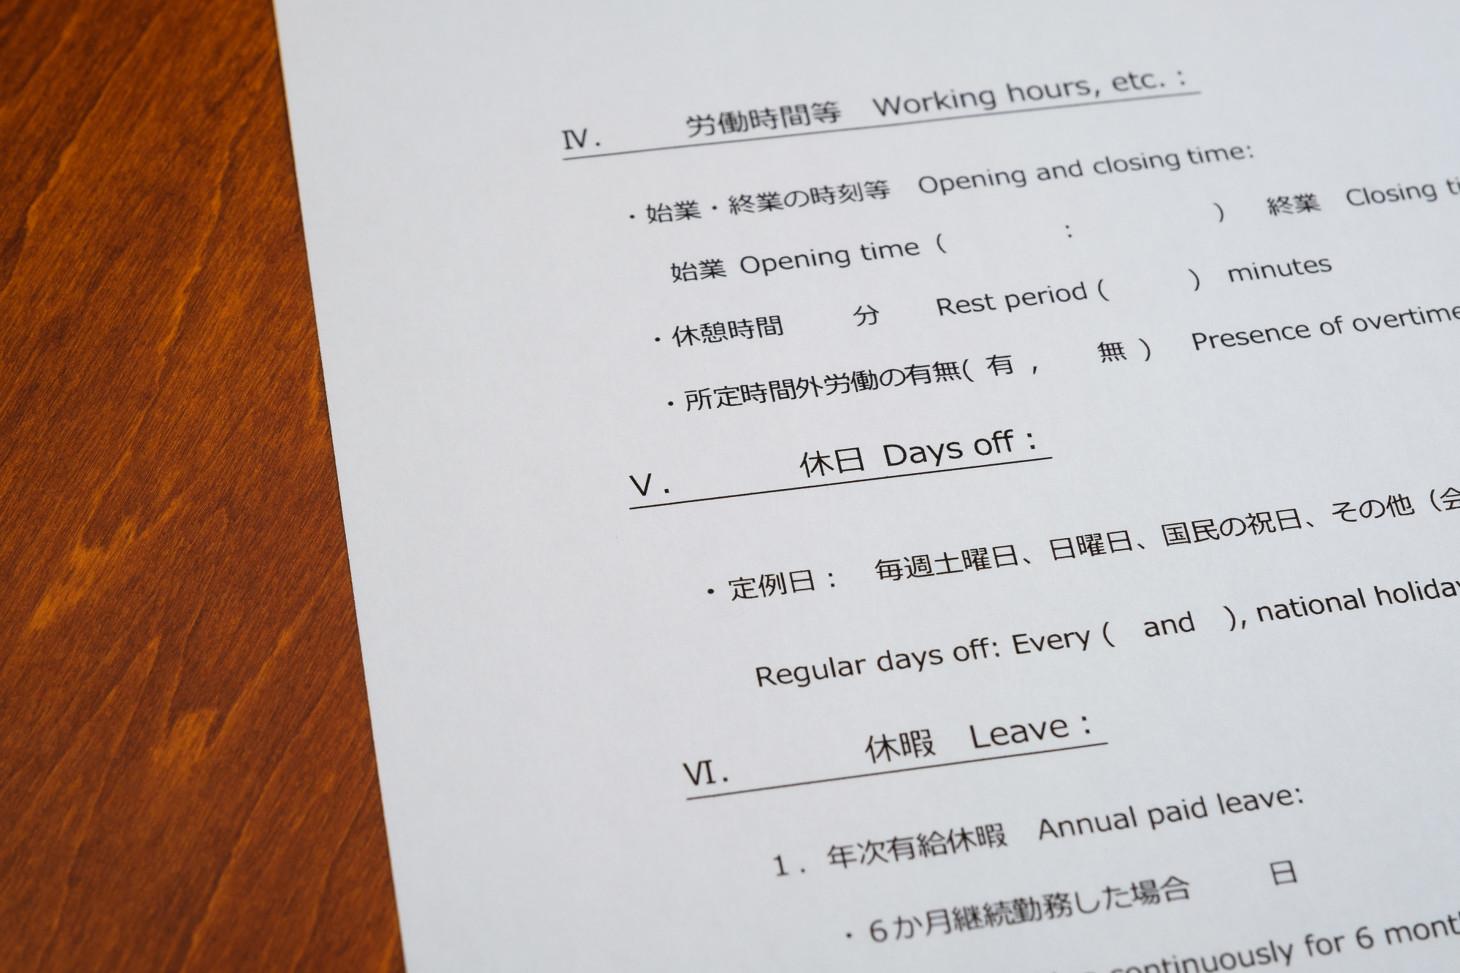 外国人が日本の飲食店で働くなら知っておきたい! 「労働基準法」の基礎知識